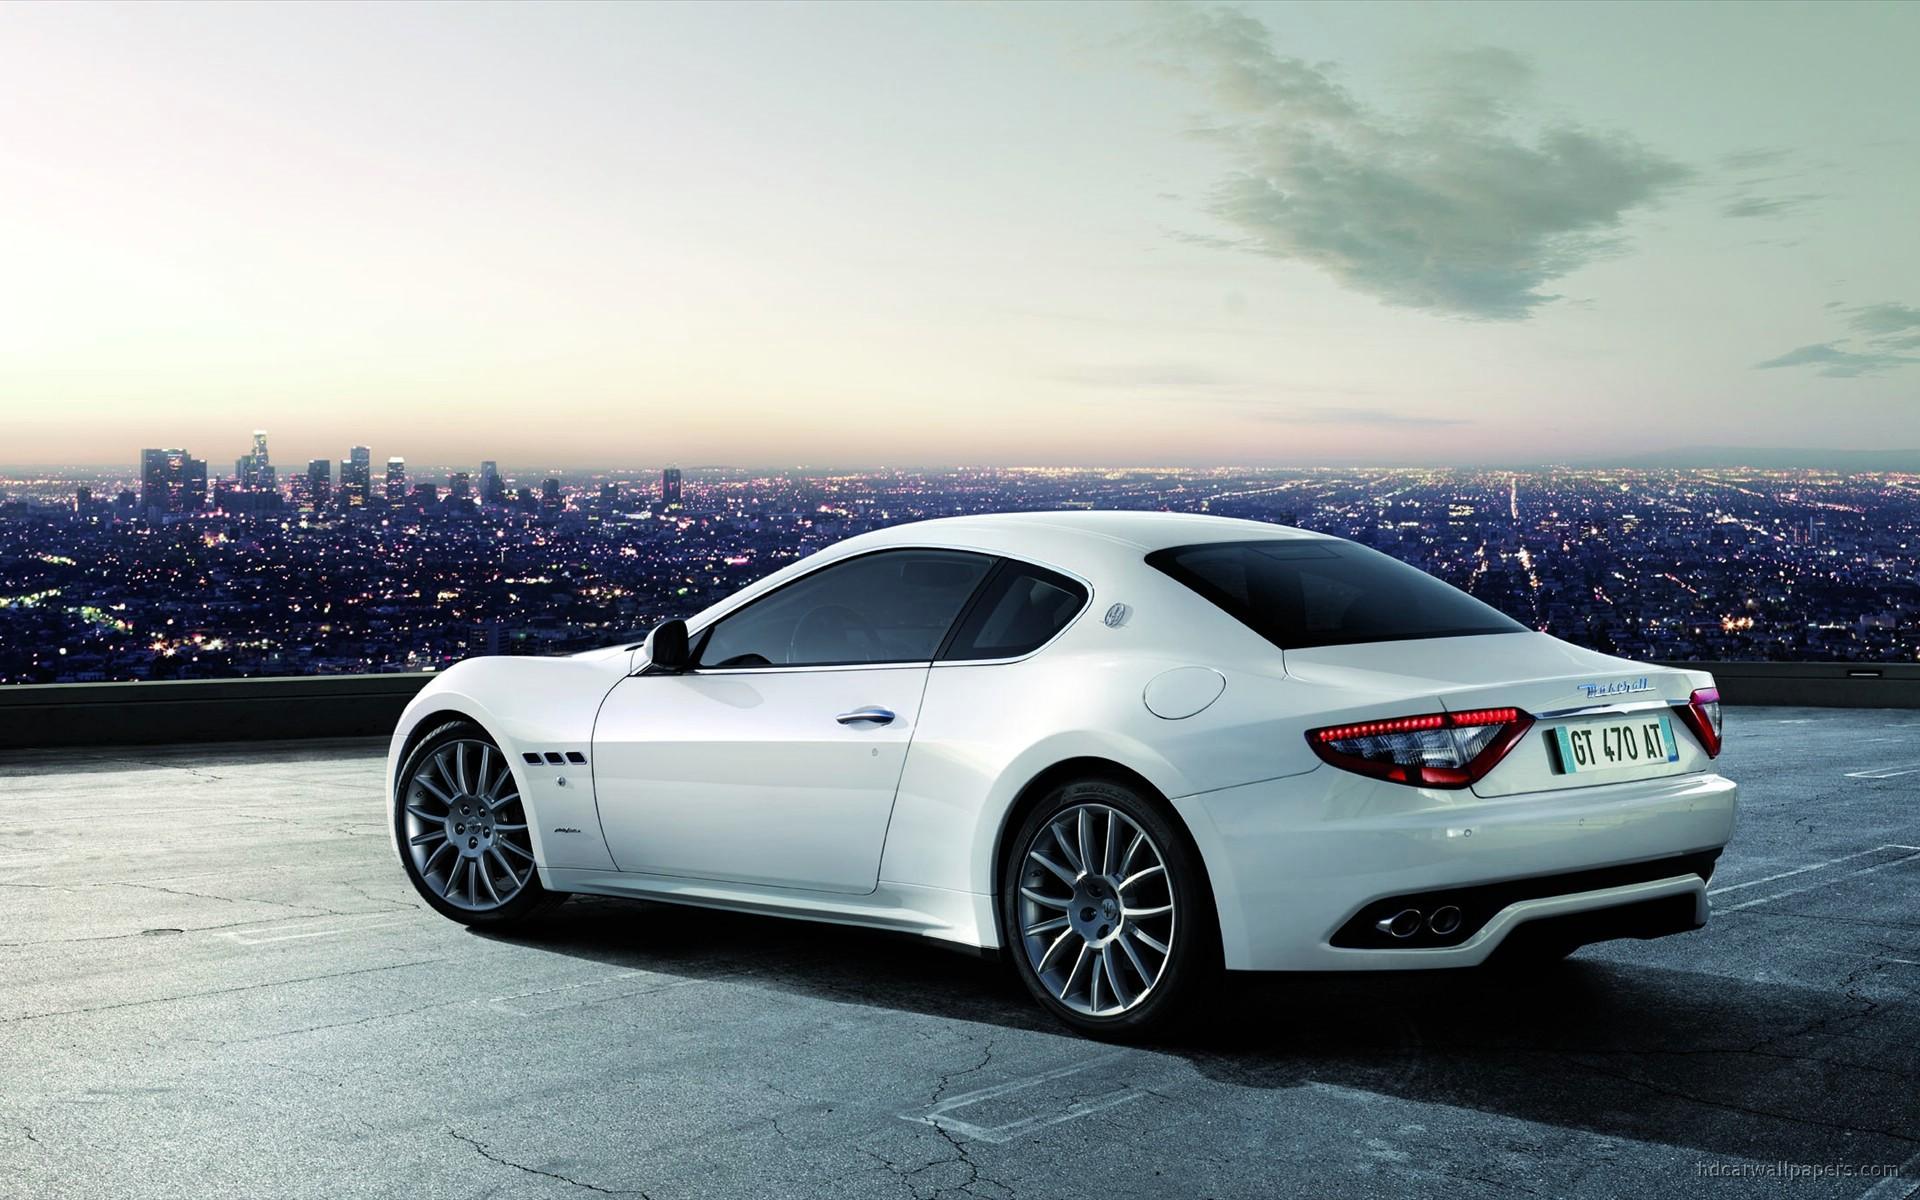 2010 Maserati Granturismo S Automatic Wallpaper  Hd Car